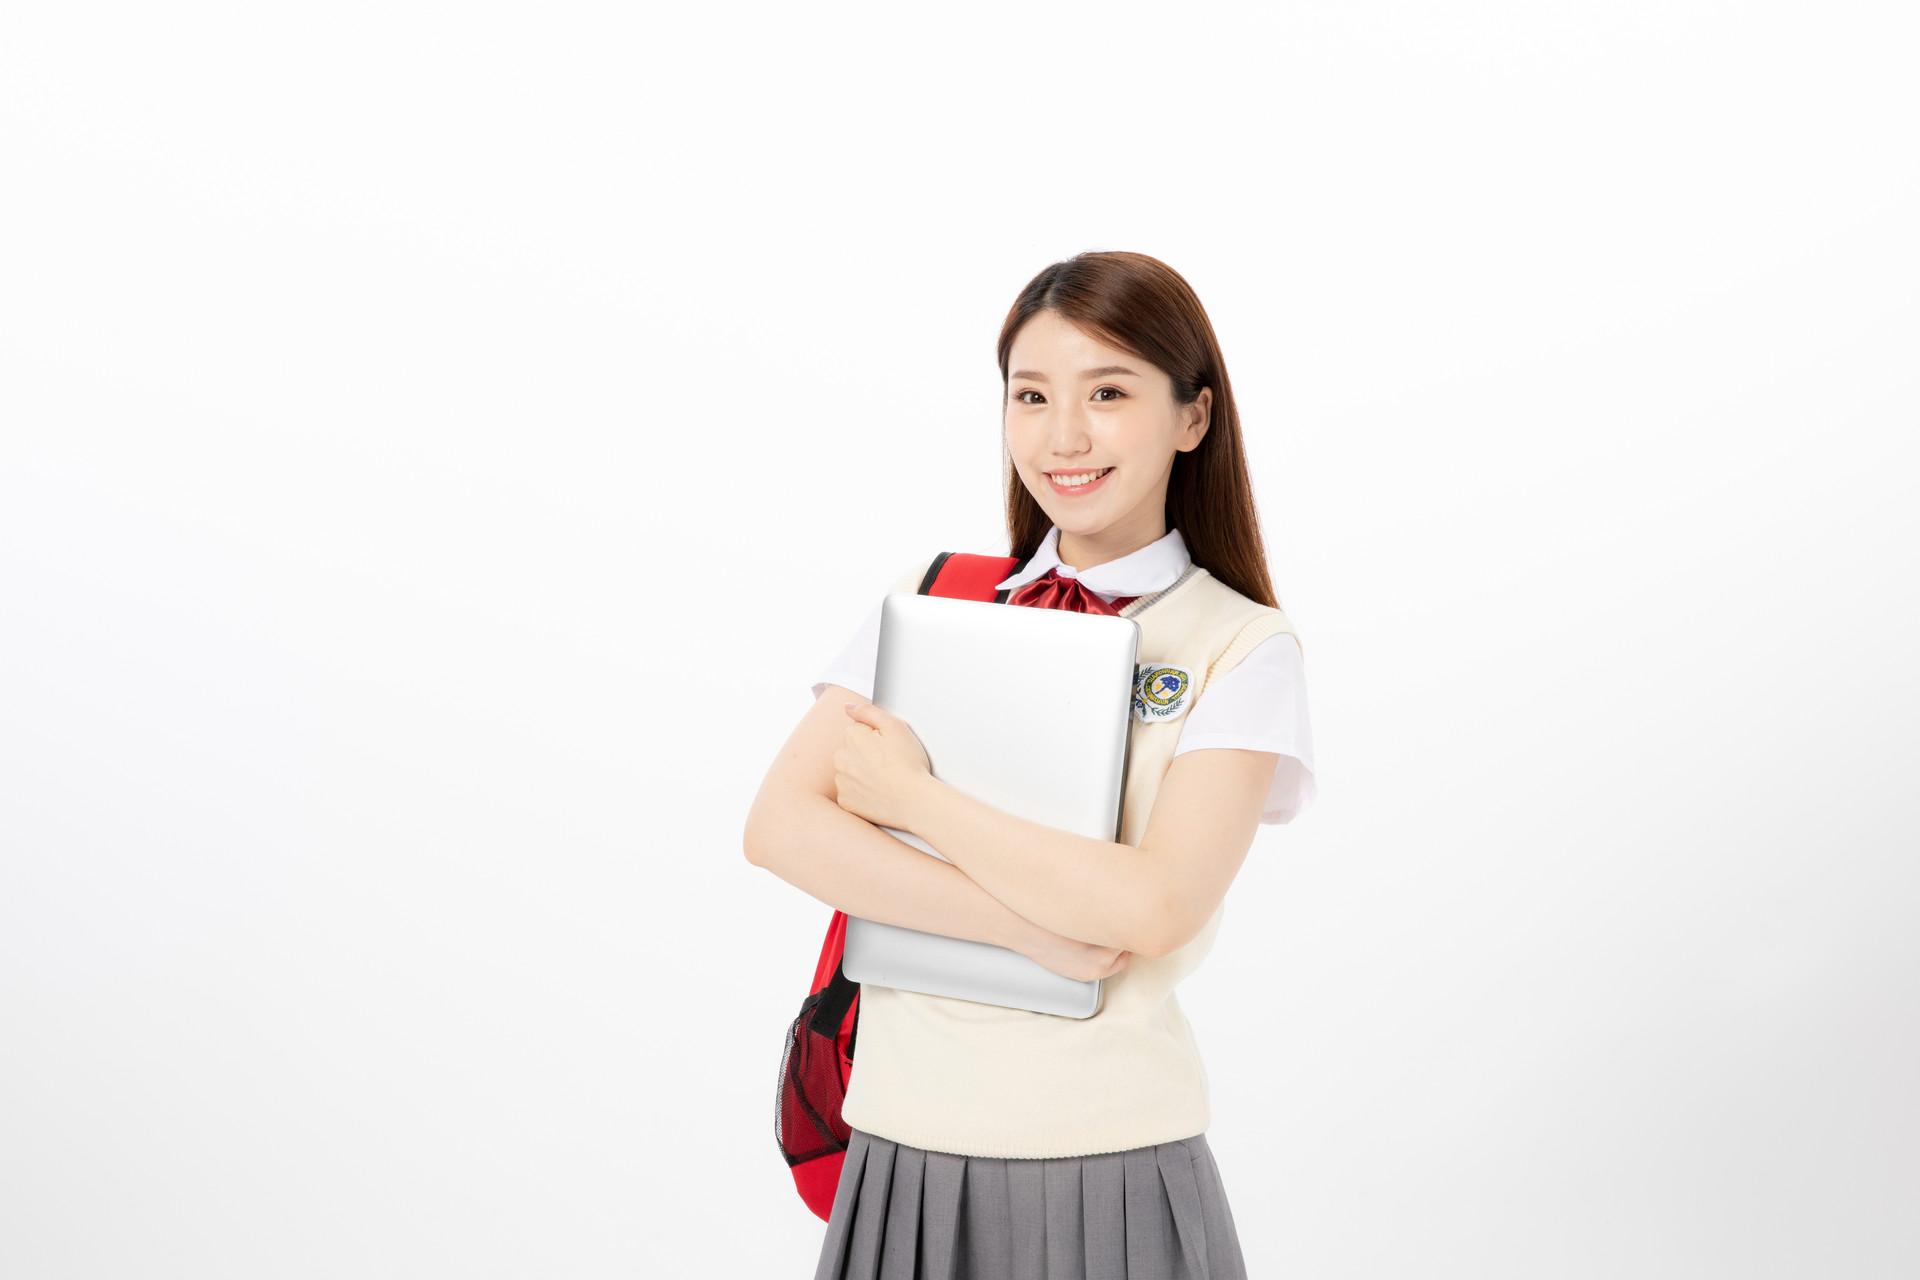 昆明艺术生高考文化课冲刺学校